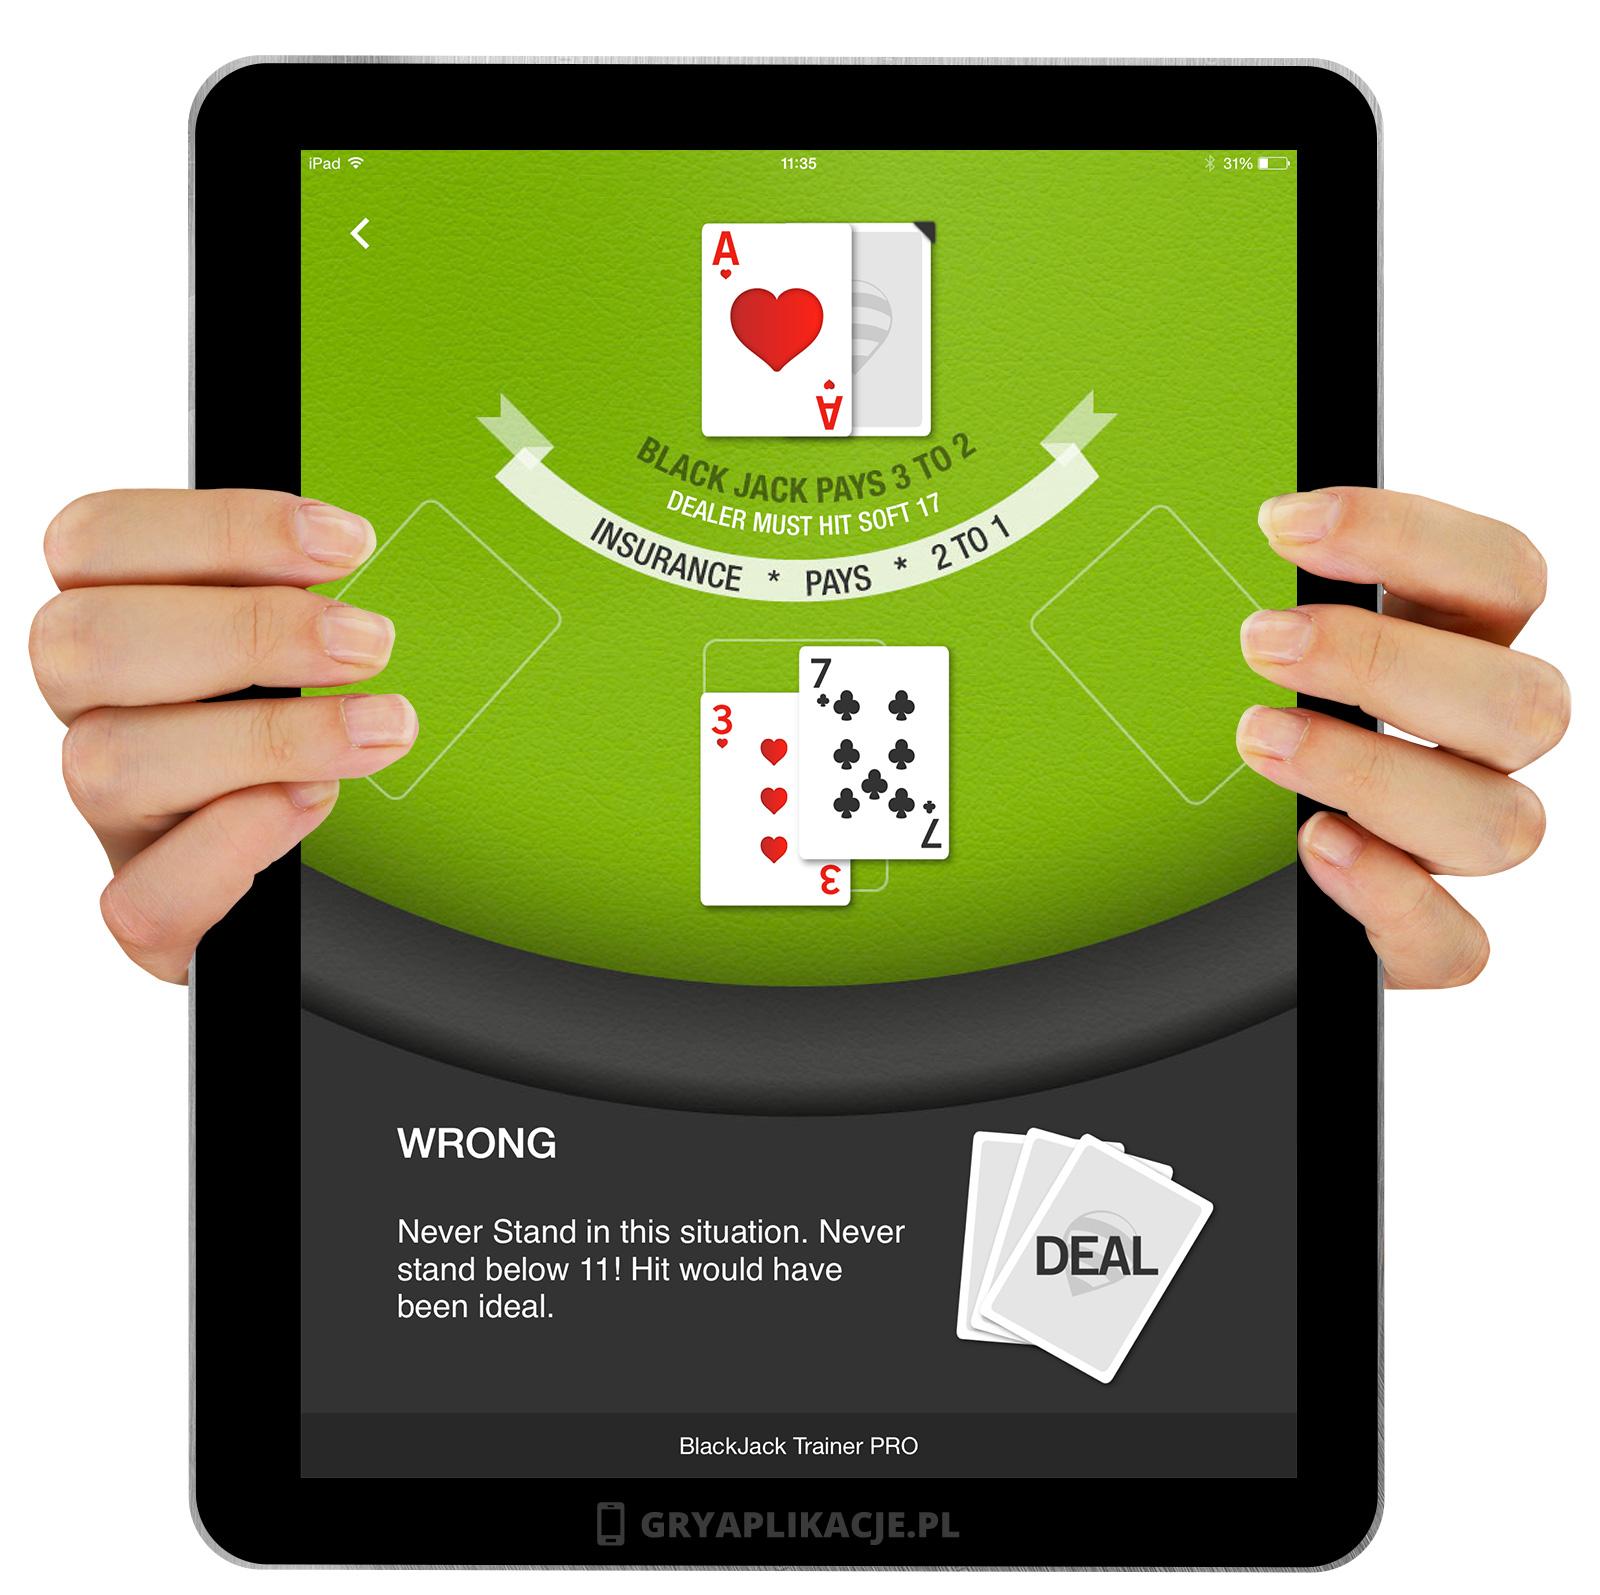 Blackjack simulator / Casino real game ayacucho